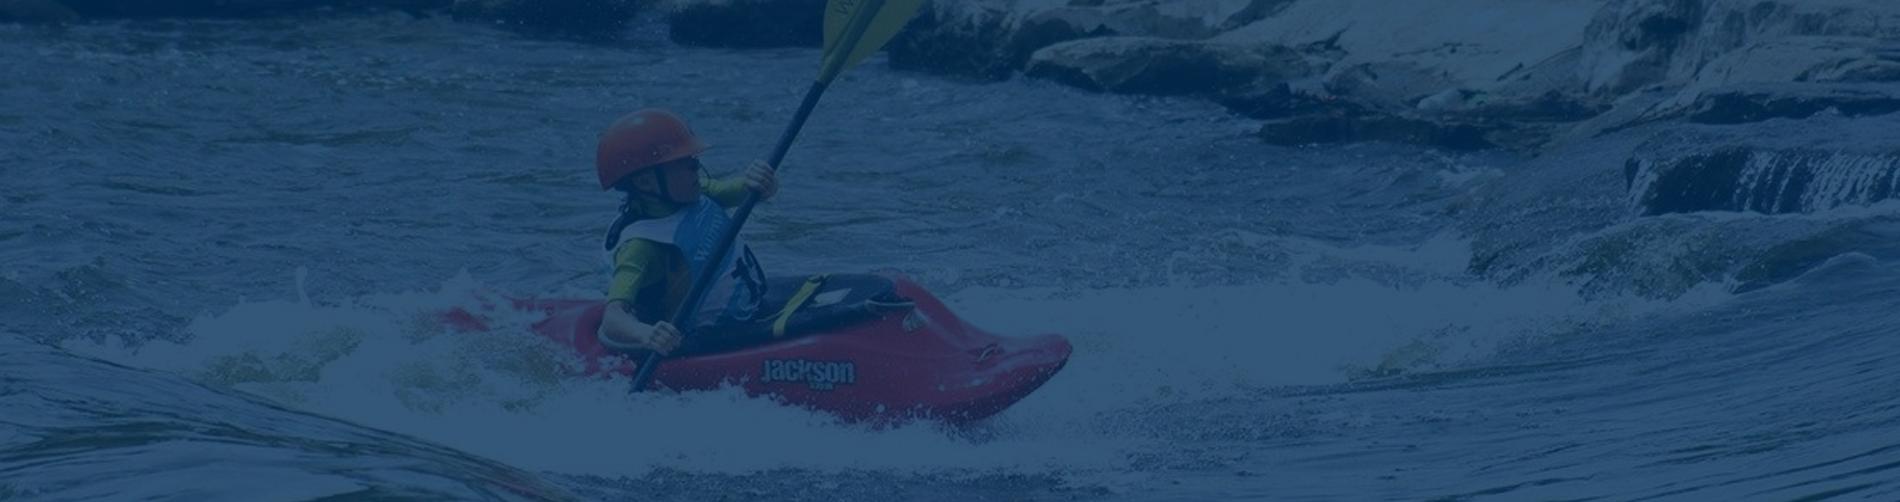 Whitewater Slalom